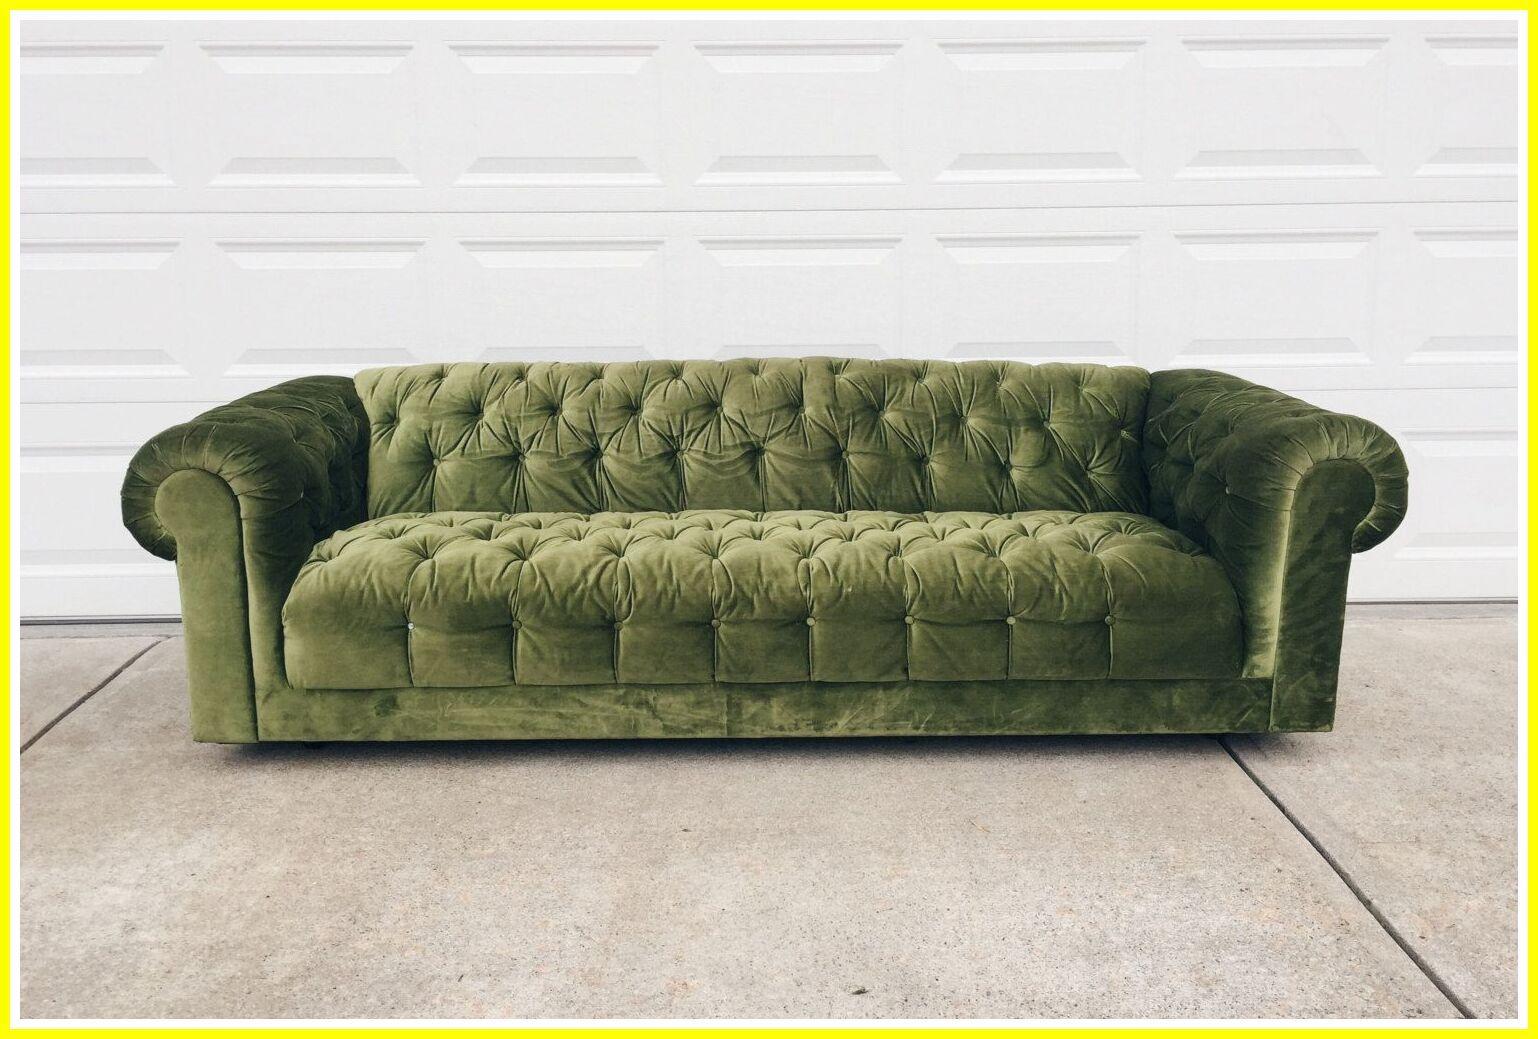 90 Reference Of Velvet Tufted Sofa Green In 2020 Green Sofa